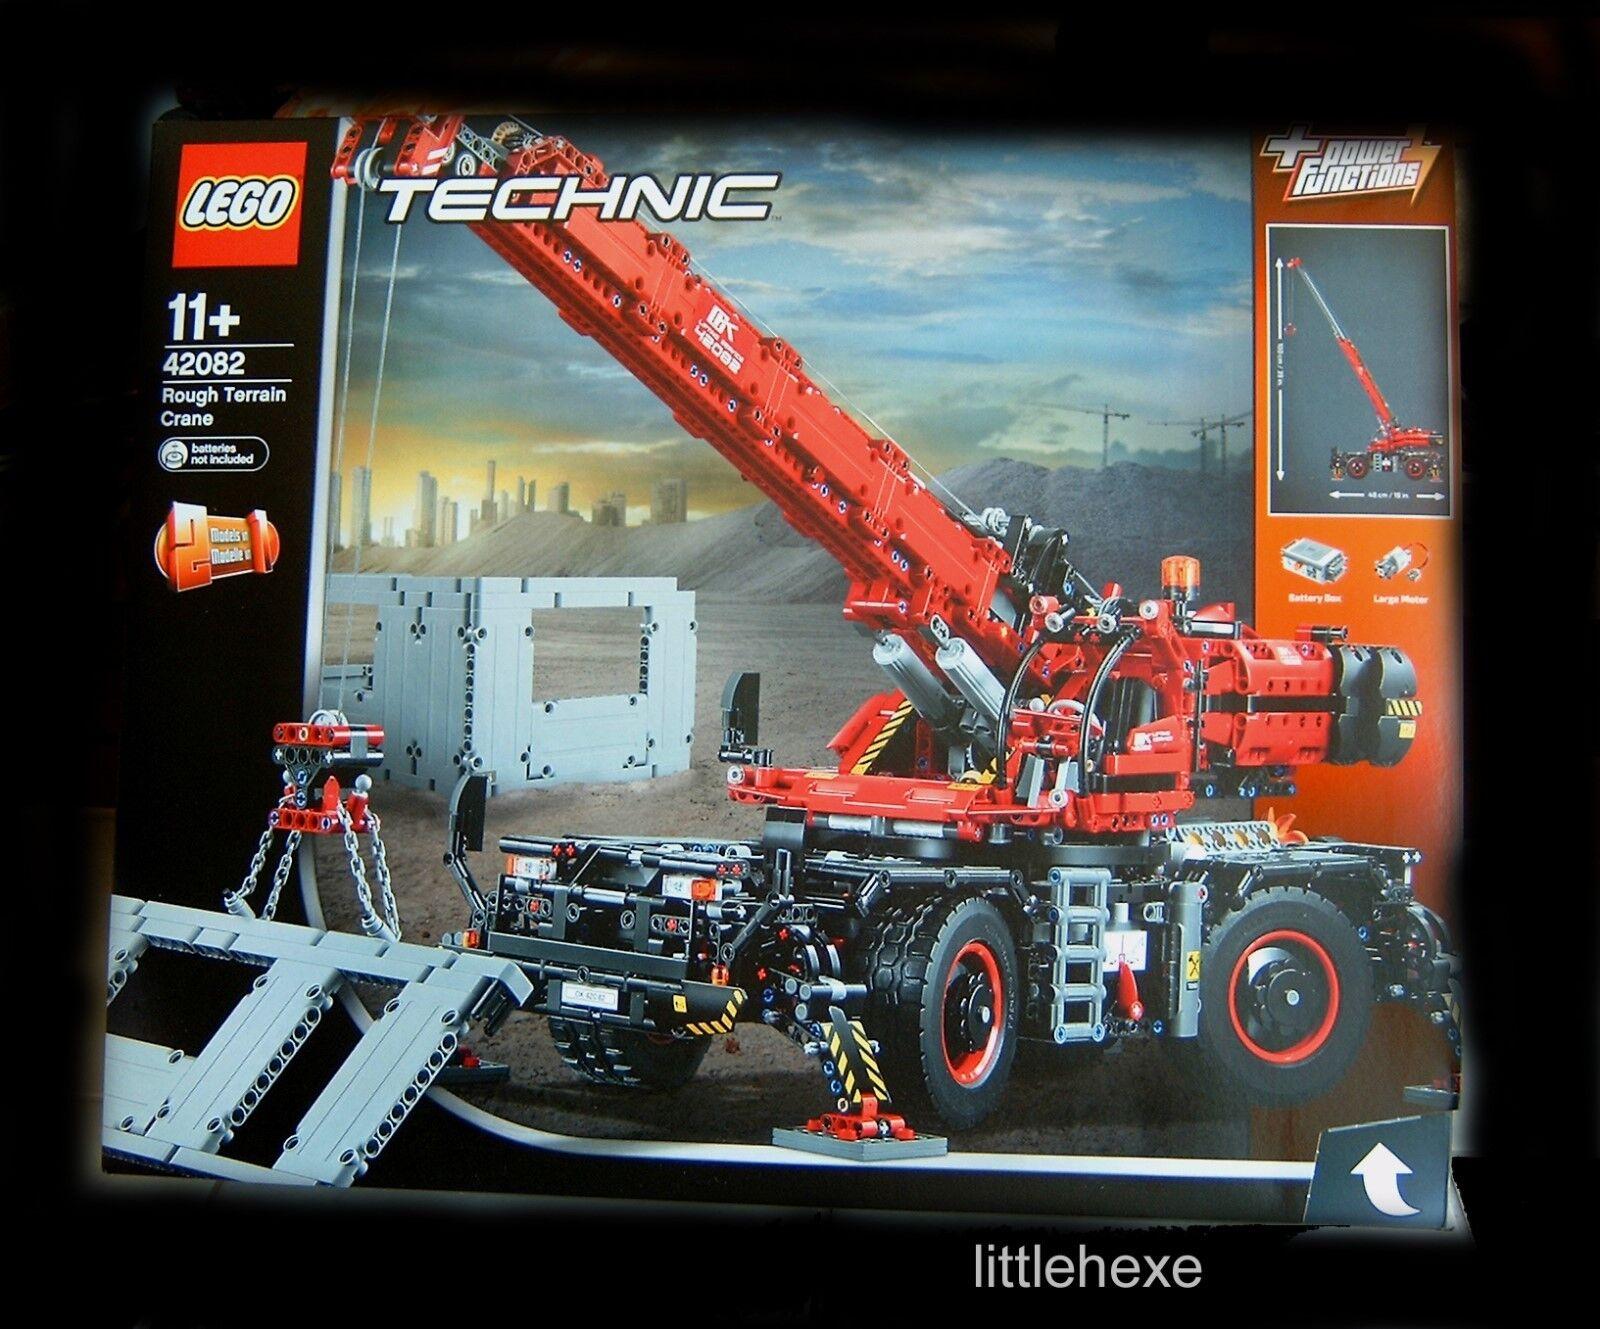 Lego Technic 42082 geländegängiger kranwagen móviles móviles móviles libre caso Hammer nuevo en el embalaje original  nueva gama alta exclusiva